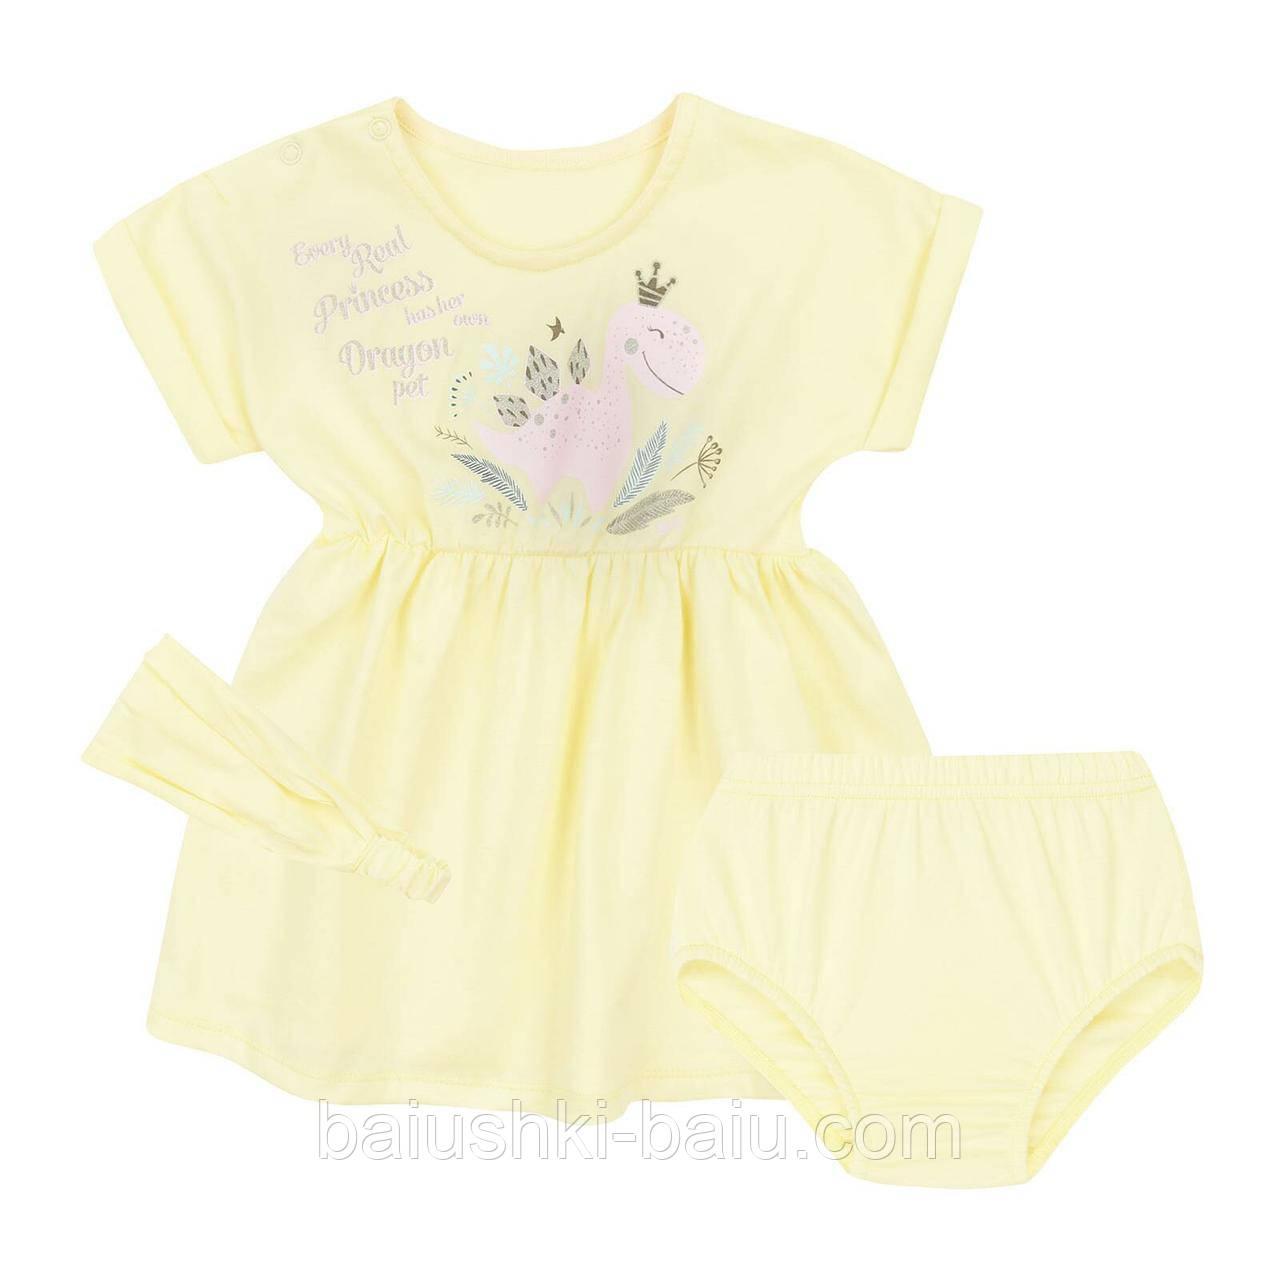 Комплект одежды на лето для девочки туника, трусы и повязка (кулир), рост 80